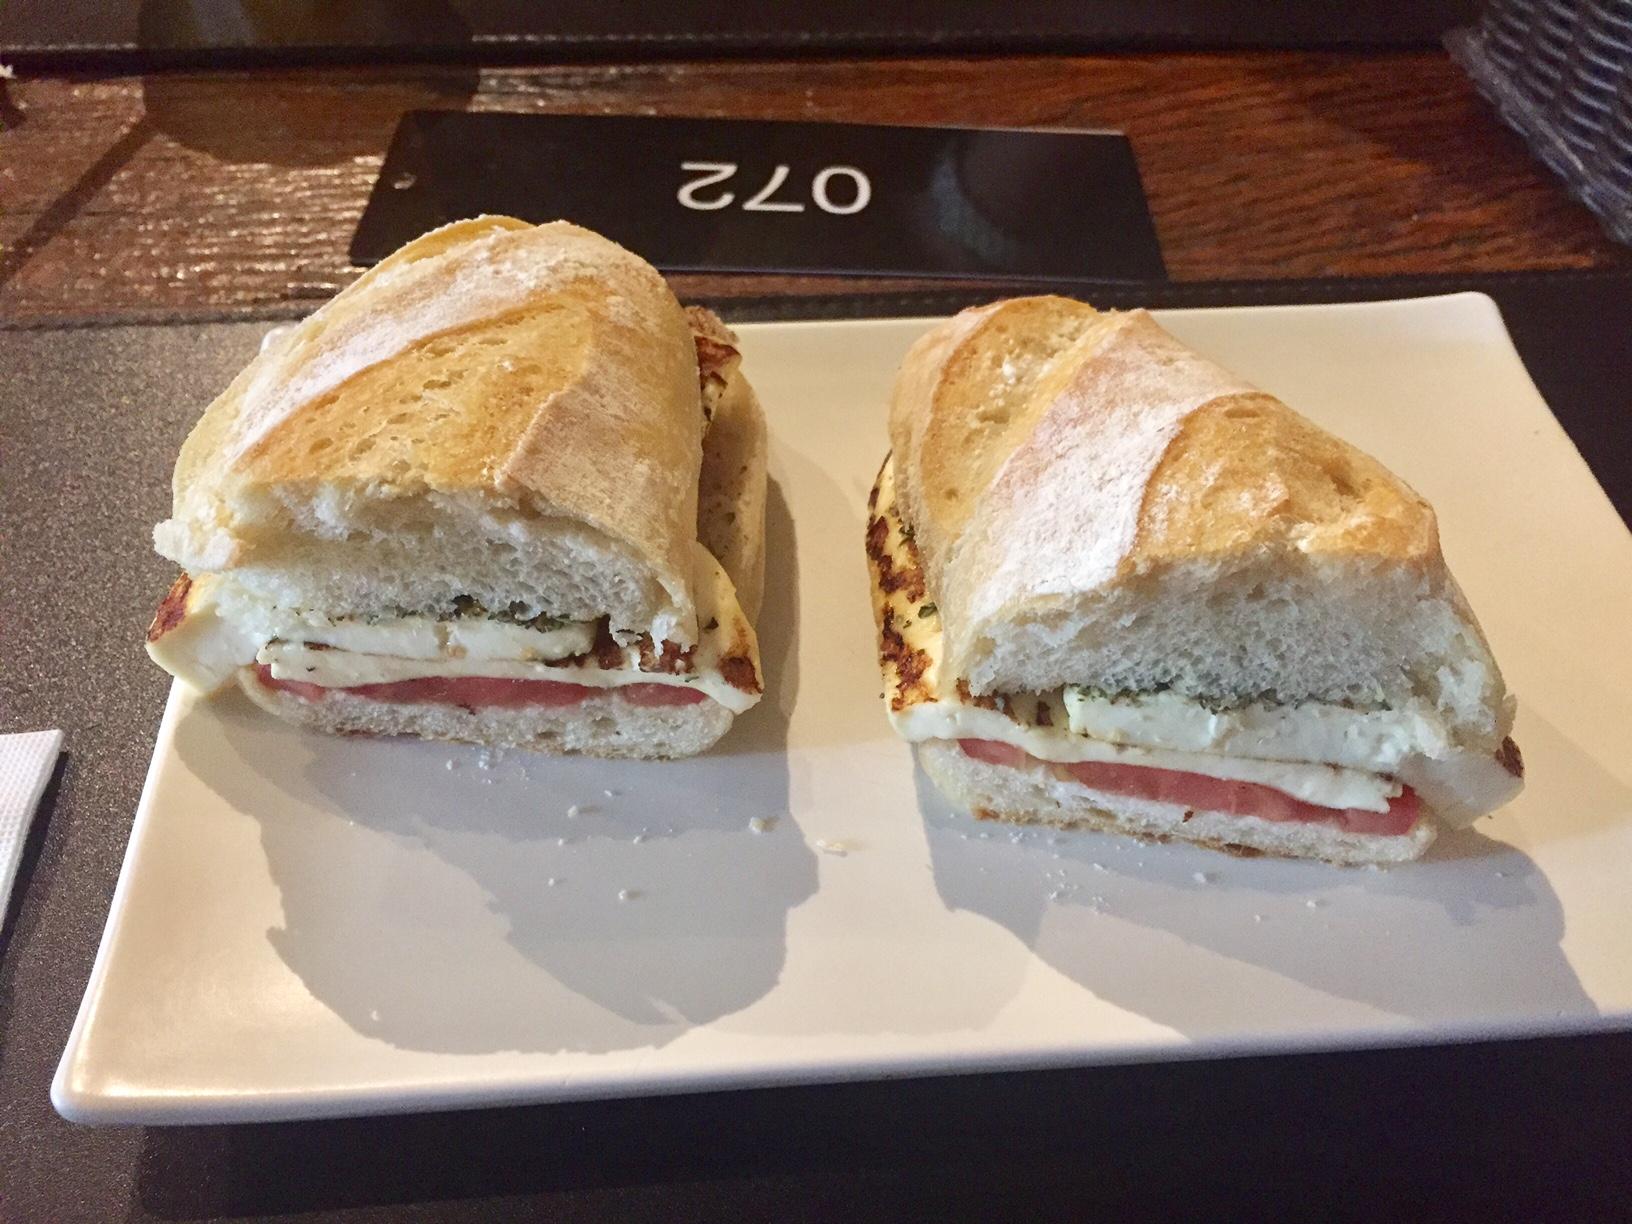 Maridão escolheu o lanche de queijo branco e tomate no pão português. Simples e caro, mas estava bem gostoso